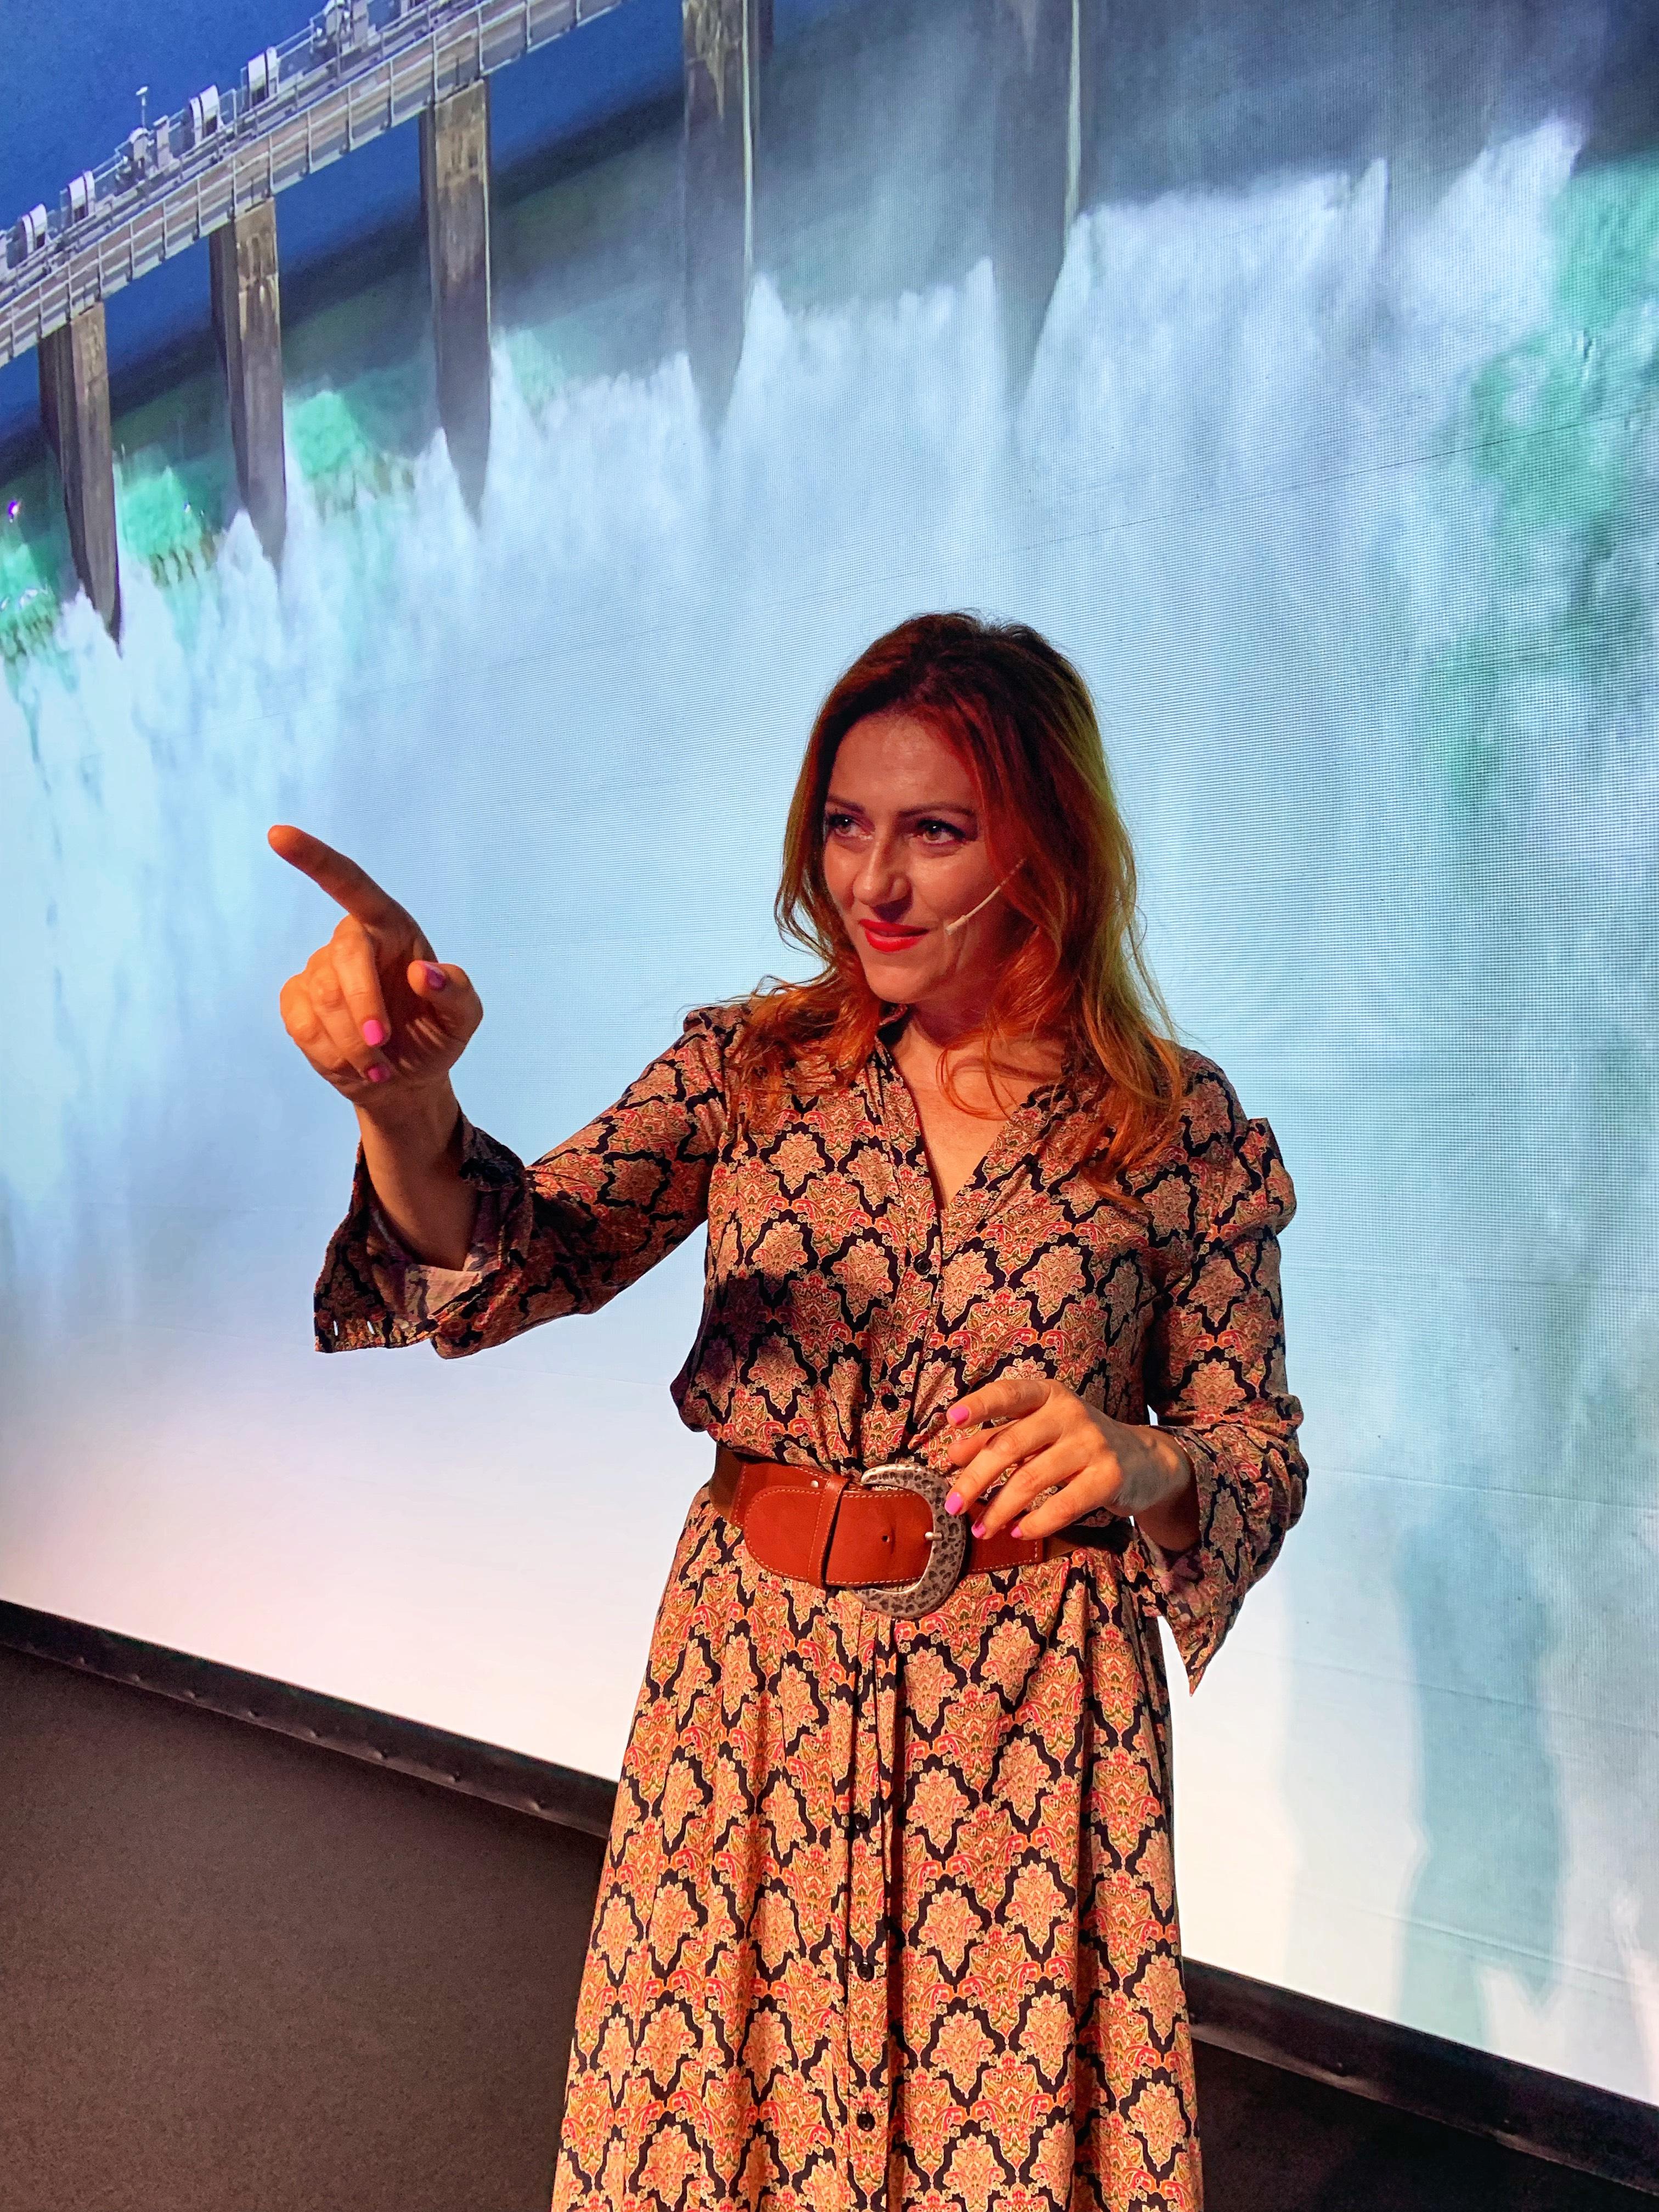 Il monologo a Venezia e l'evento sull'acqua, ambiente e cambiamenti climatici di cui sono stata madrina…ecco il racconto!